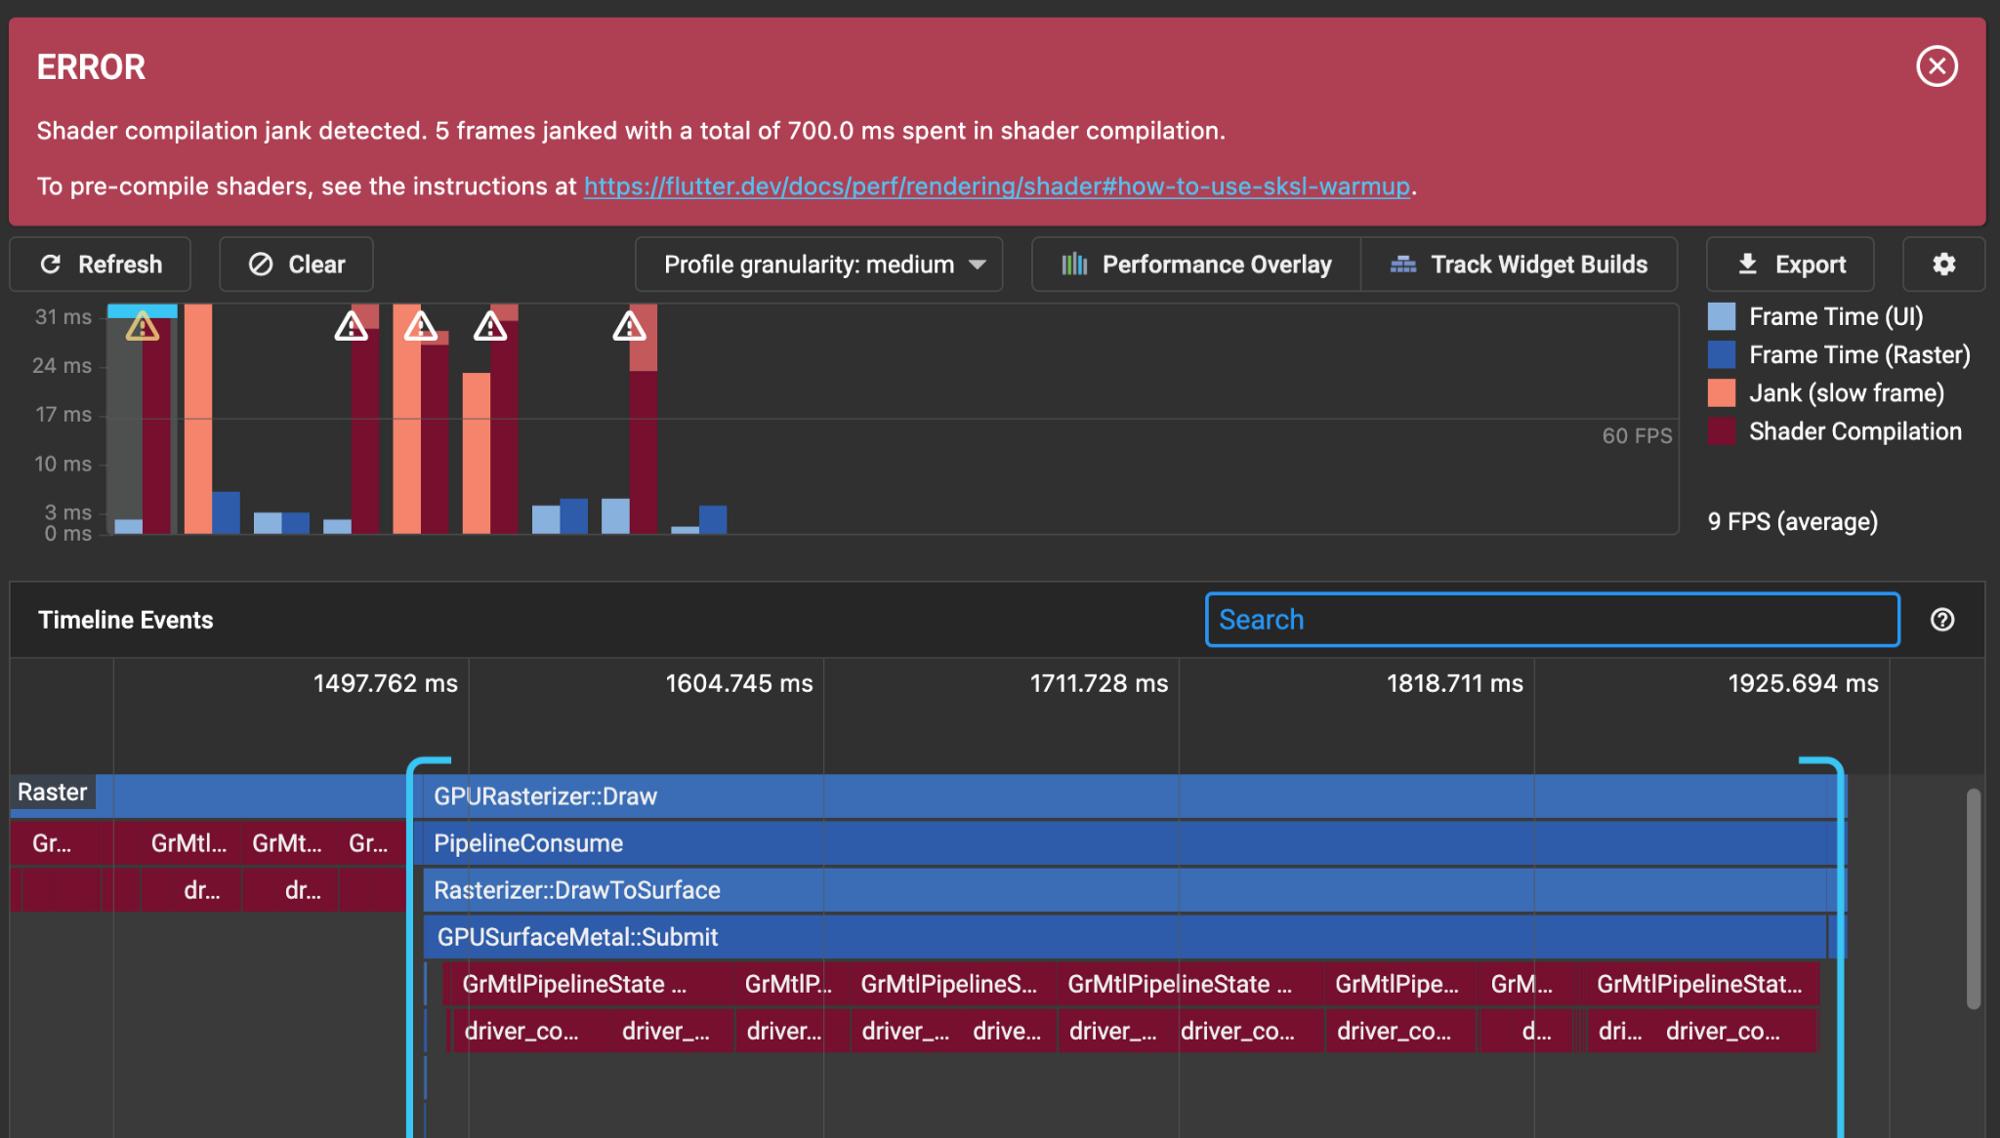 DevTools 检测到因着色器编译而丢失的构建帧